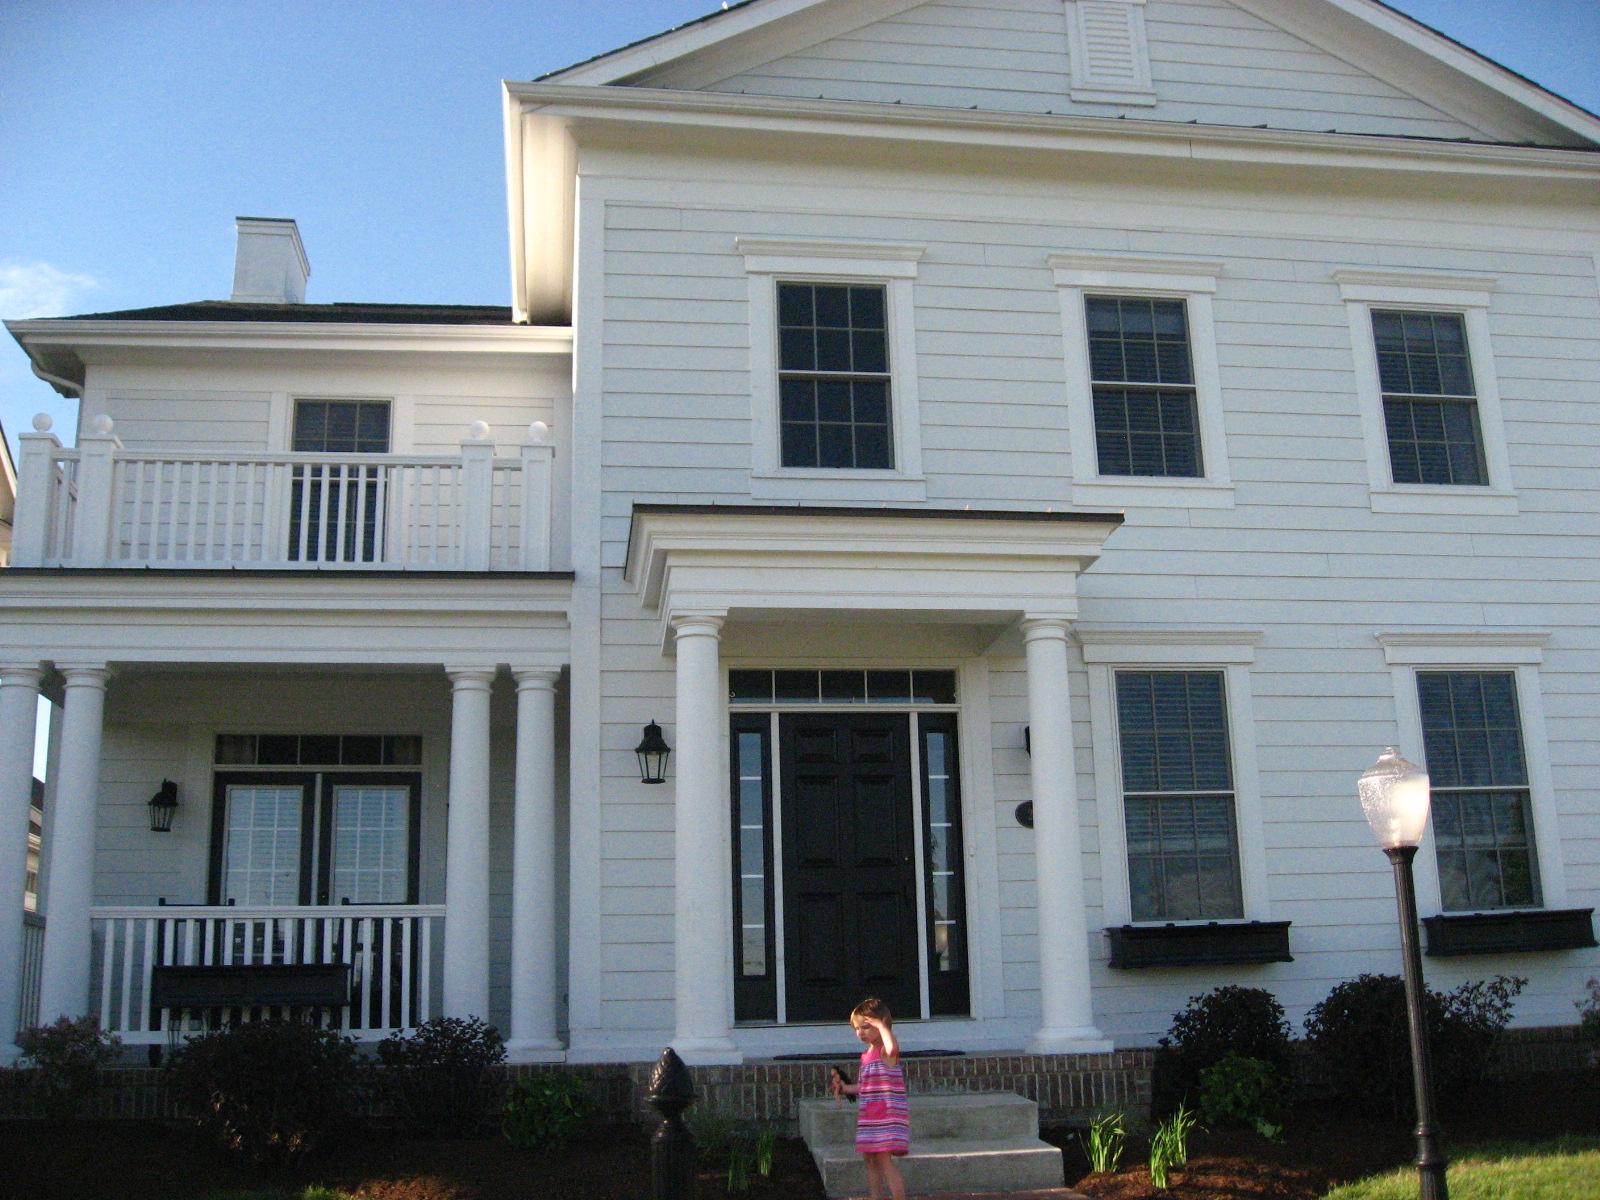 House Envy: White on White on White